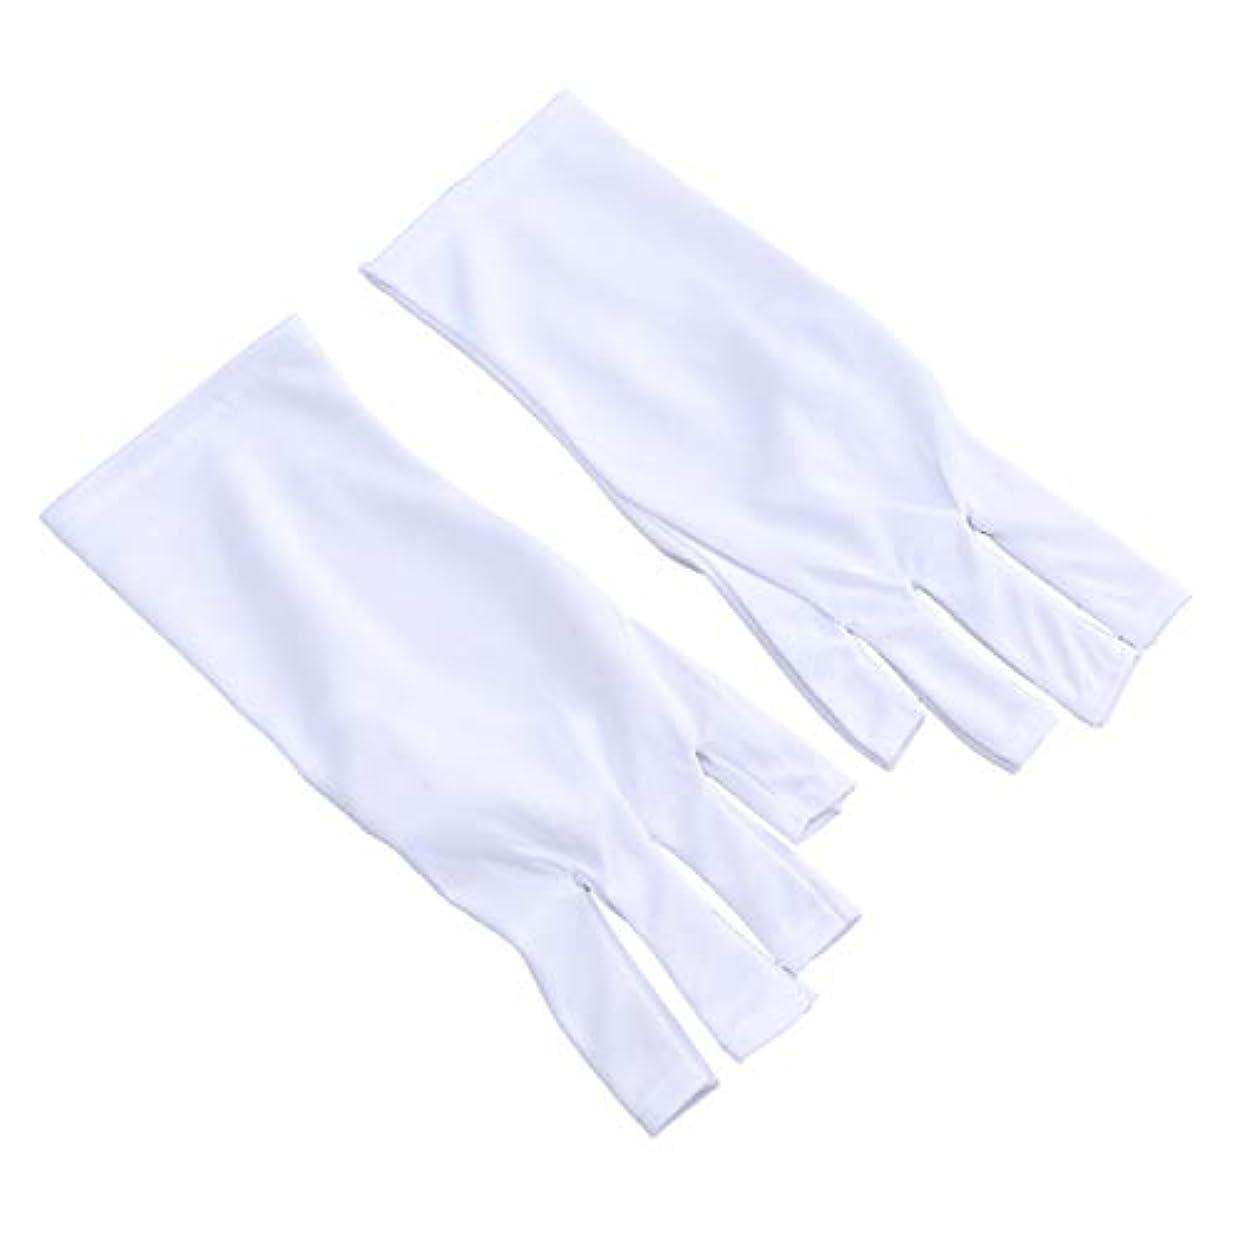 明るい踊り子分数Healifty 抗uv手袋 手袋 ネイルアー 放射線防護 マニキュアドライヤーツール 1ペア (25 CMショートホワイトUVグローブ)